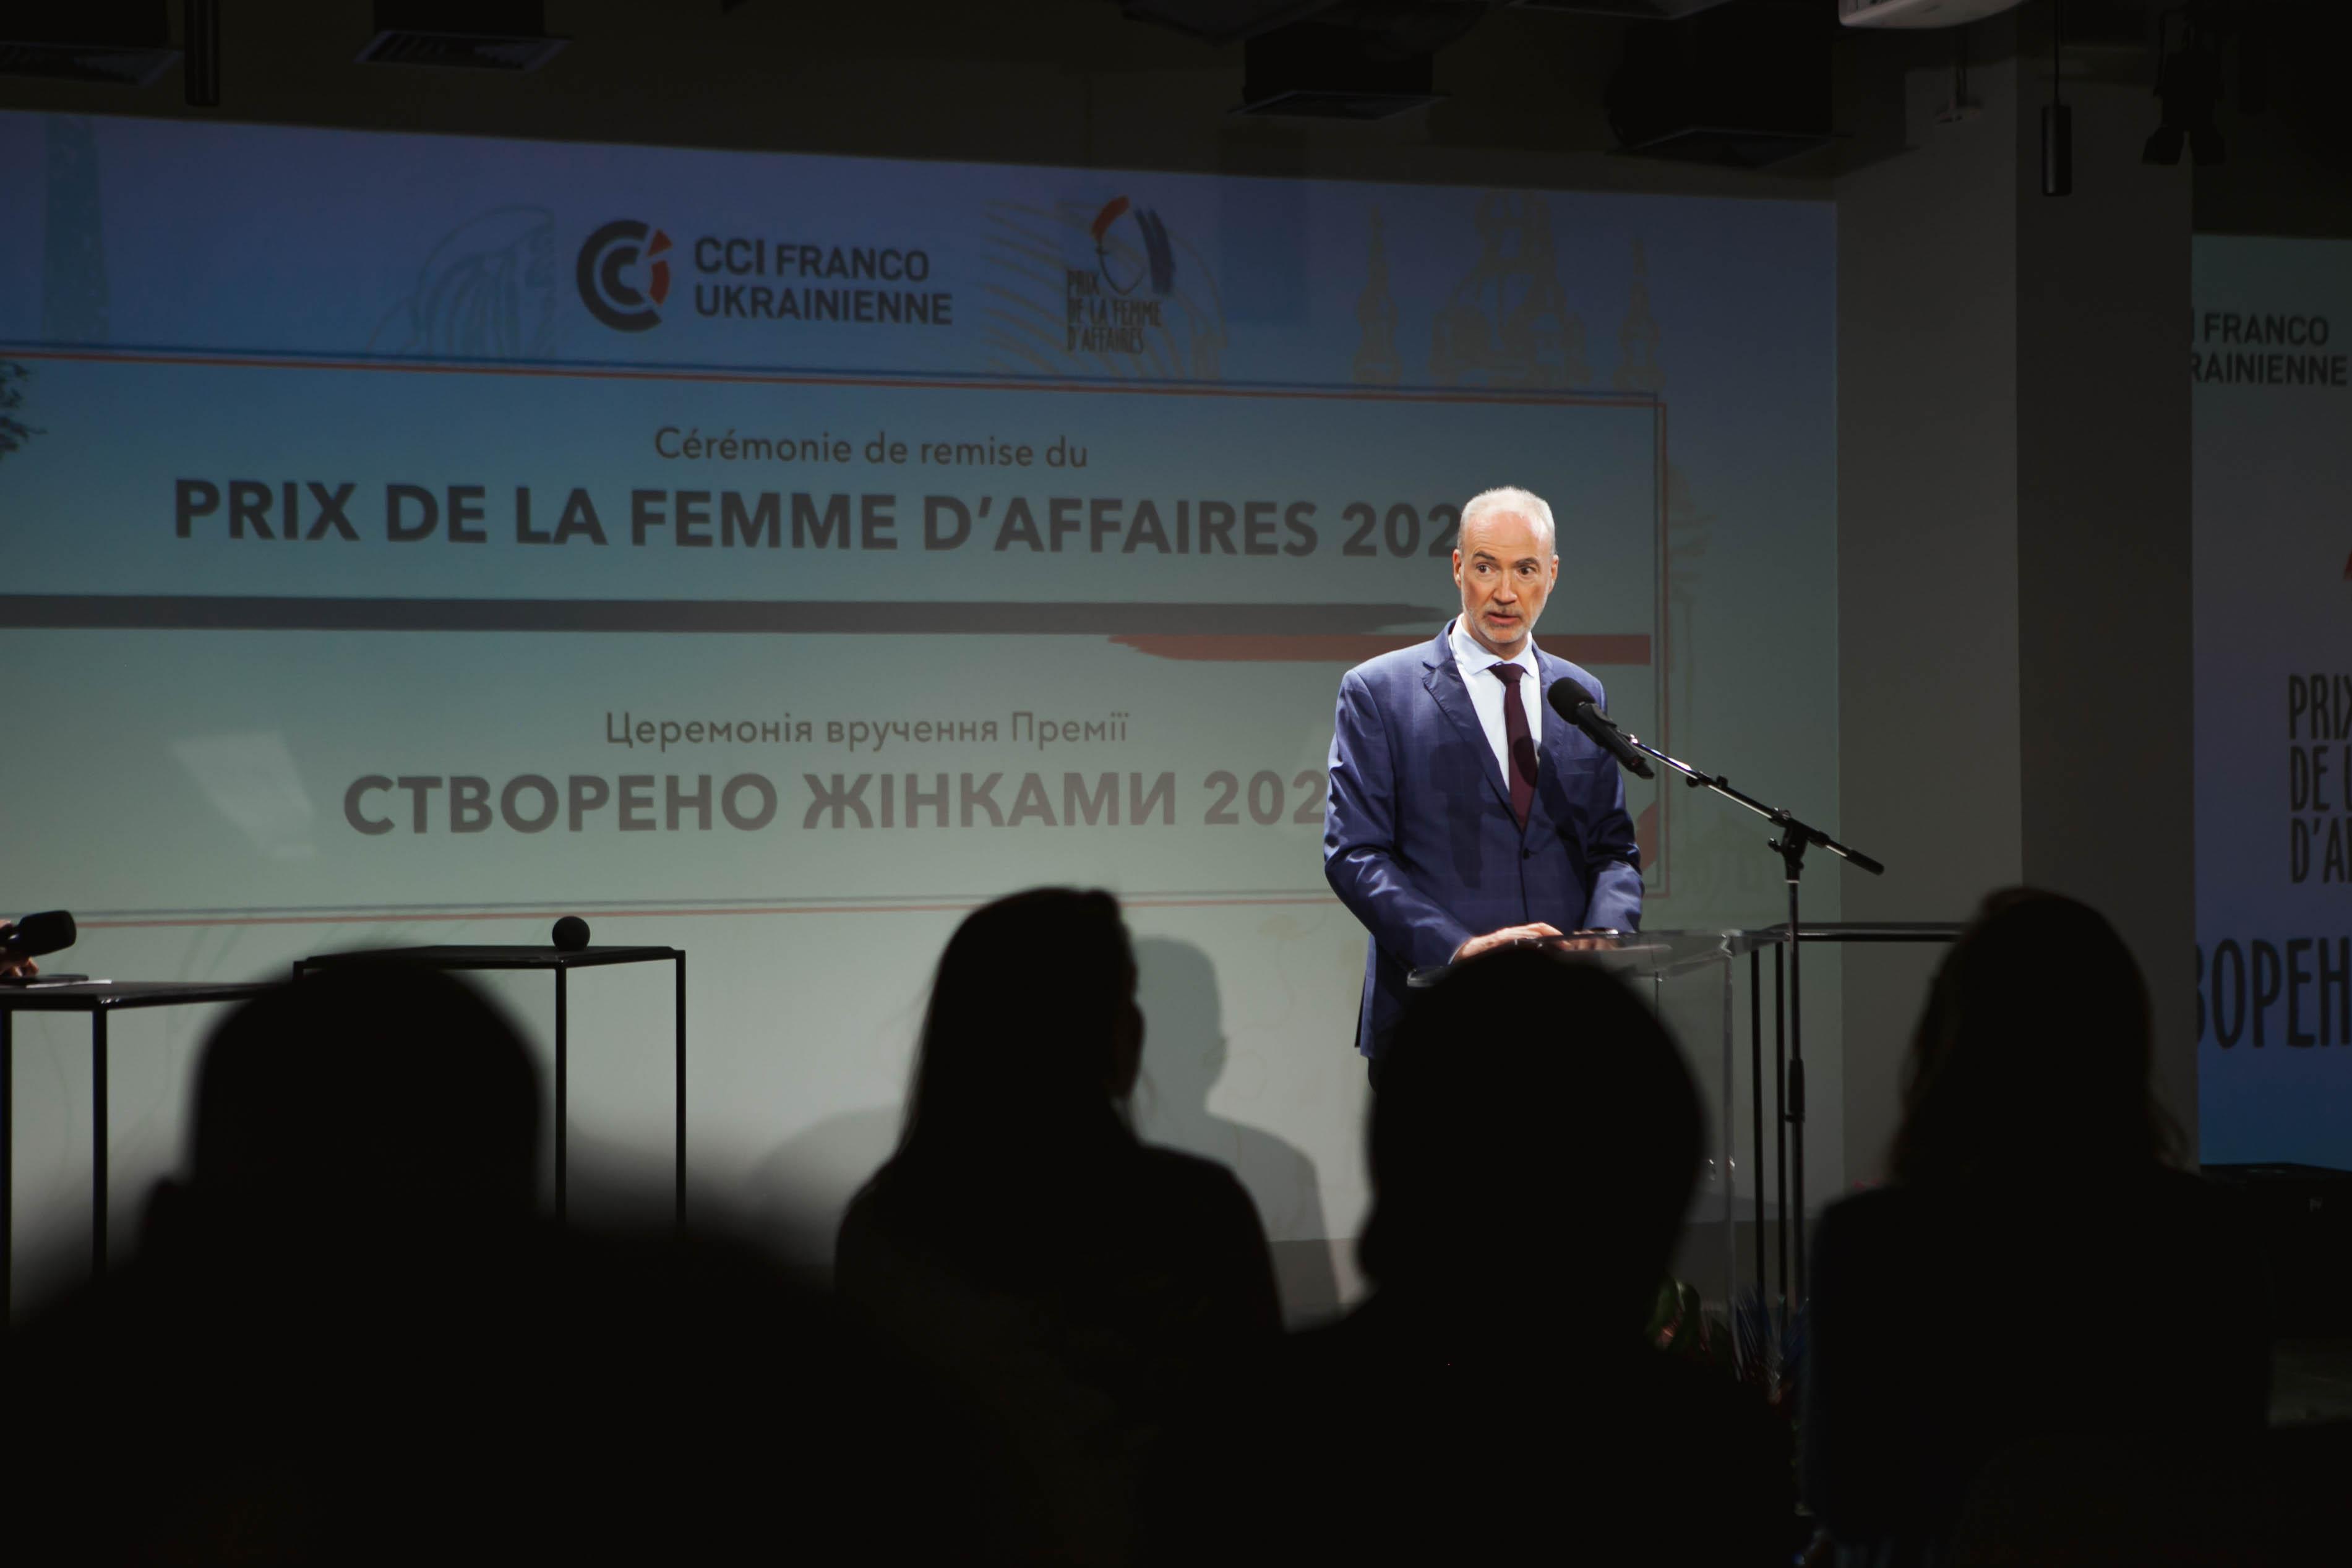 Етьєн де Понсен, посол Франції в Україні, почесний президент журі